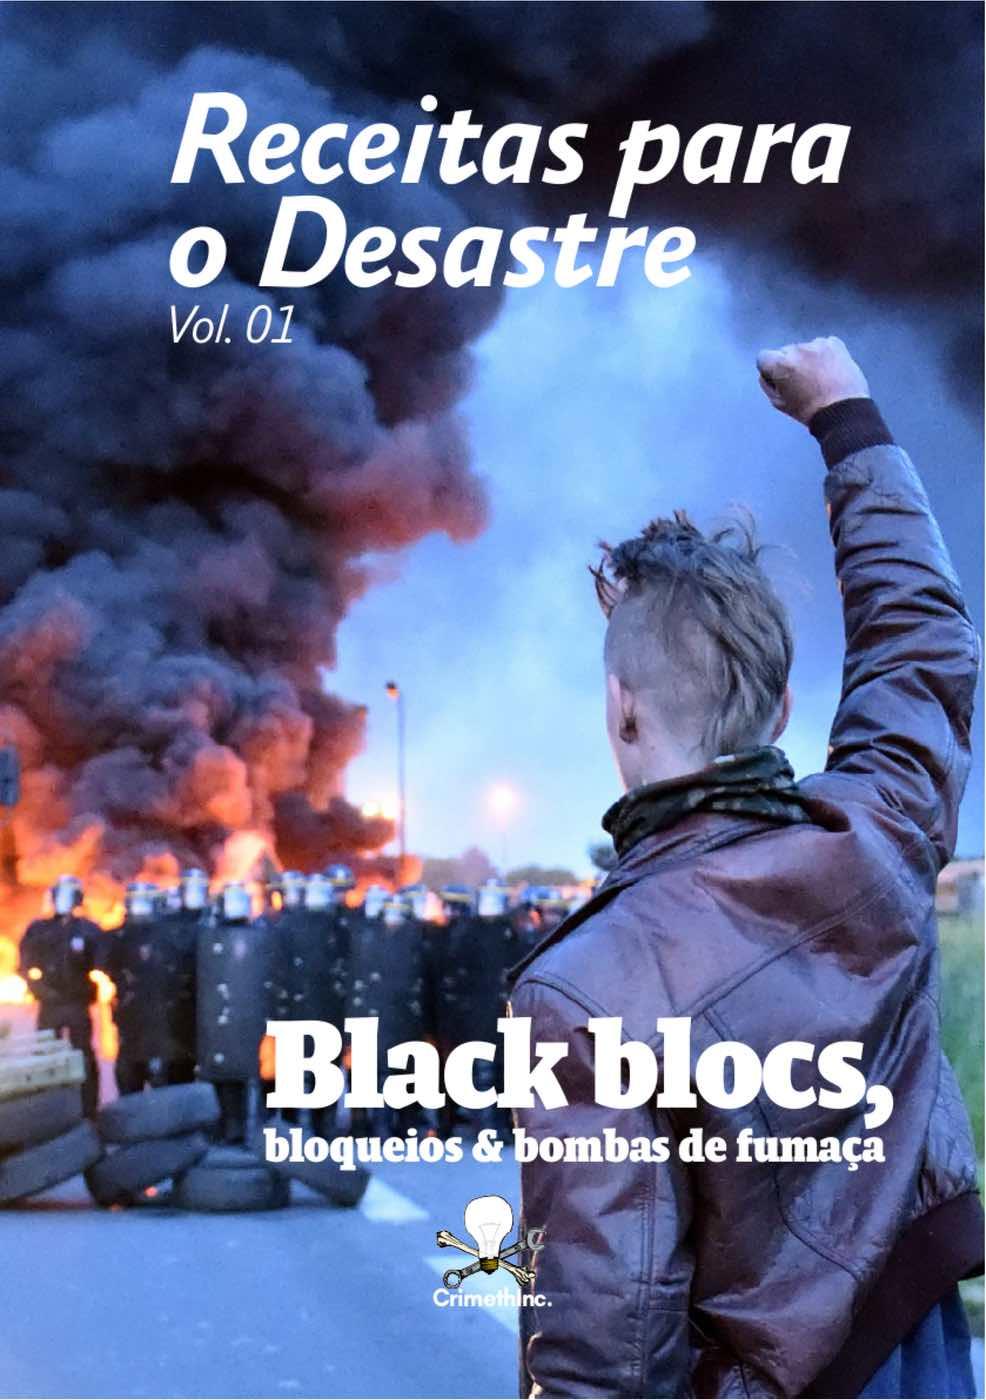 Photo of 'Receitas para o Desastre Vol. 01 (Portugues Brasileiro)' front cover